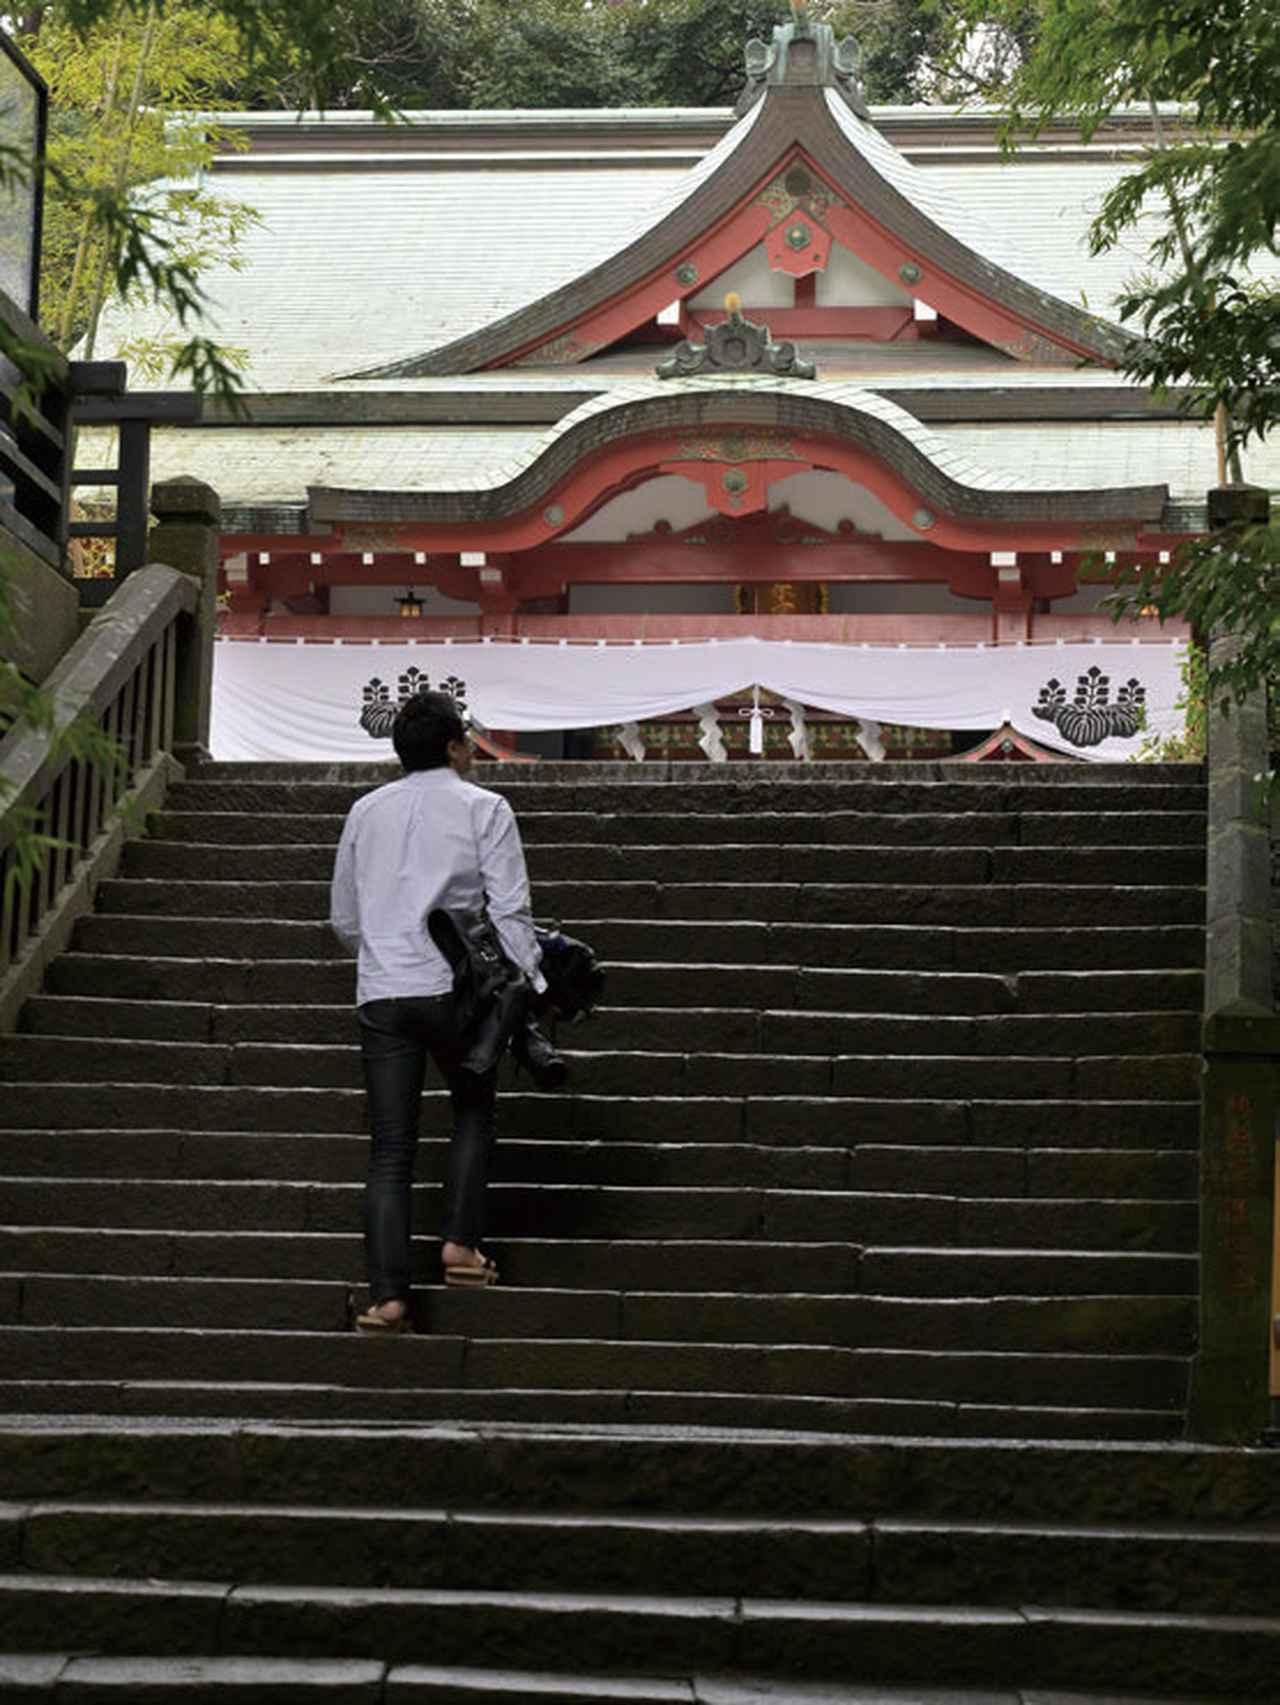 画像: 本殿への階段を上る。來宮神社は急坂に囲まれており、この日がCB1000Rの初乗りだった僕は、雨+急坂の連続に少々緊張でした(笑)。